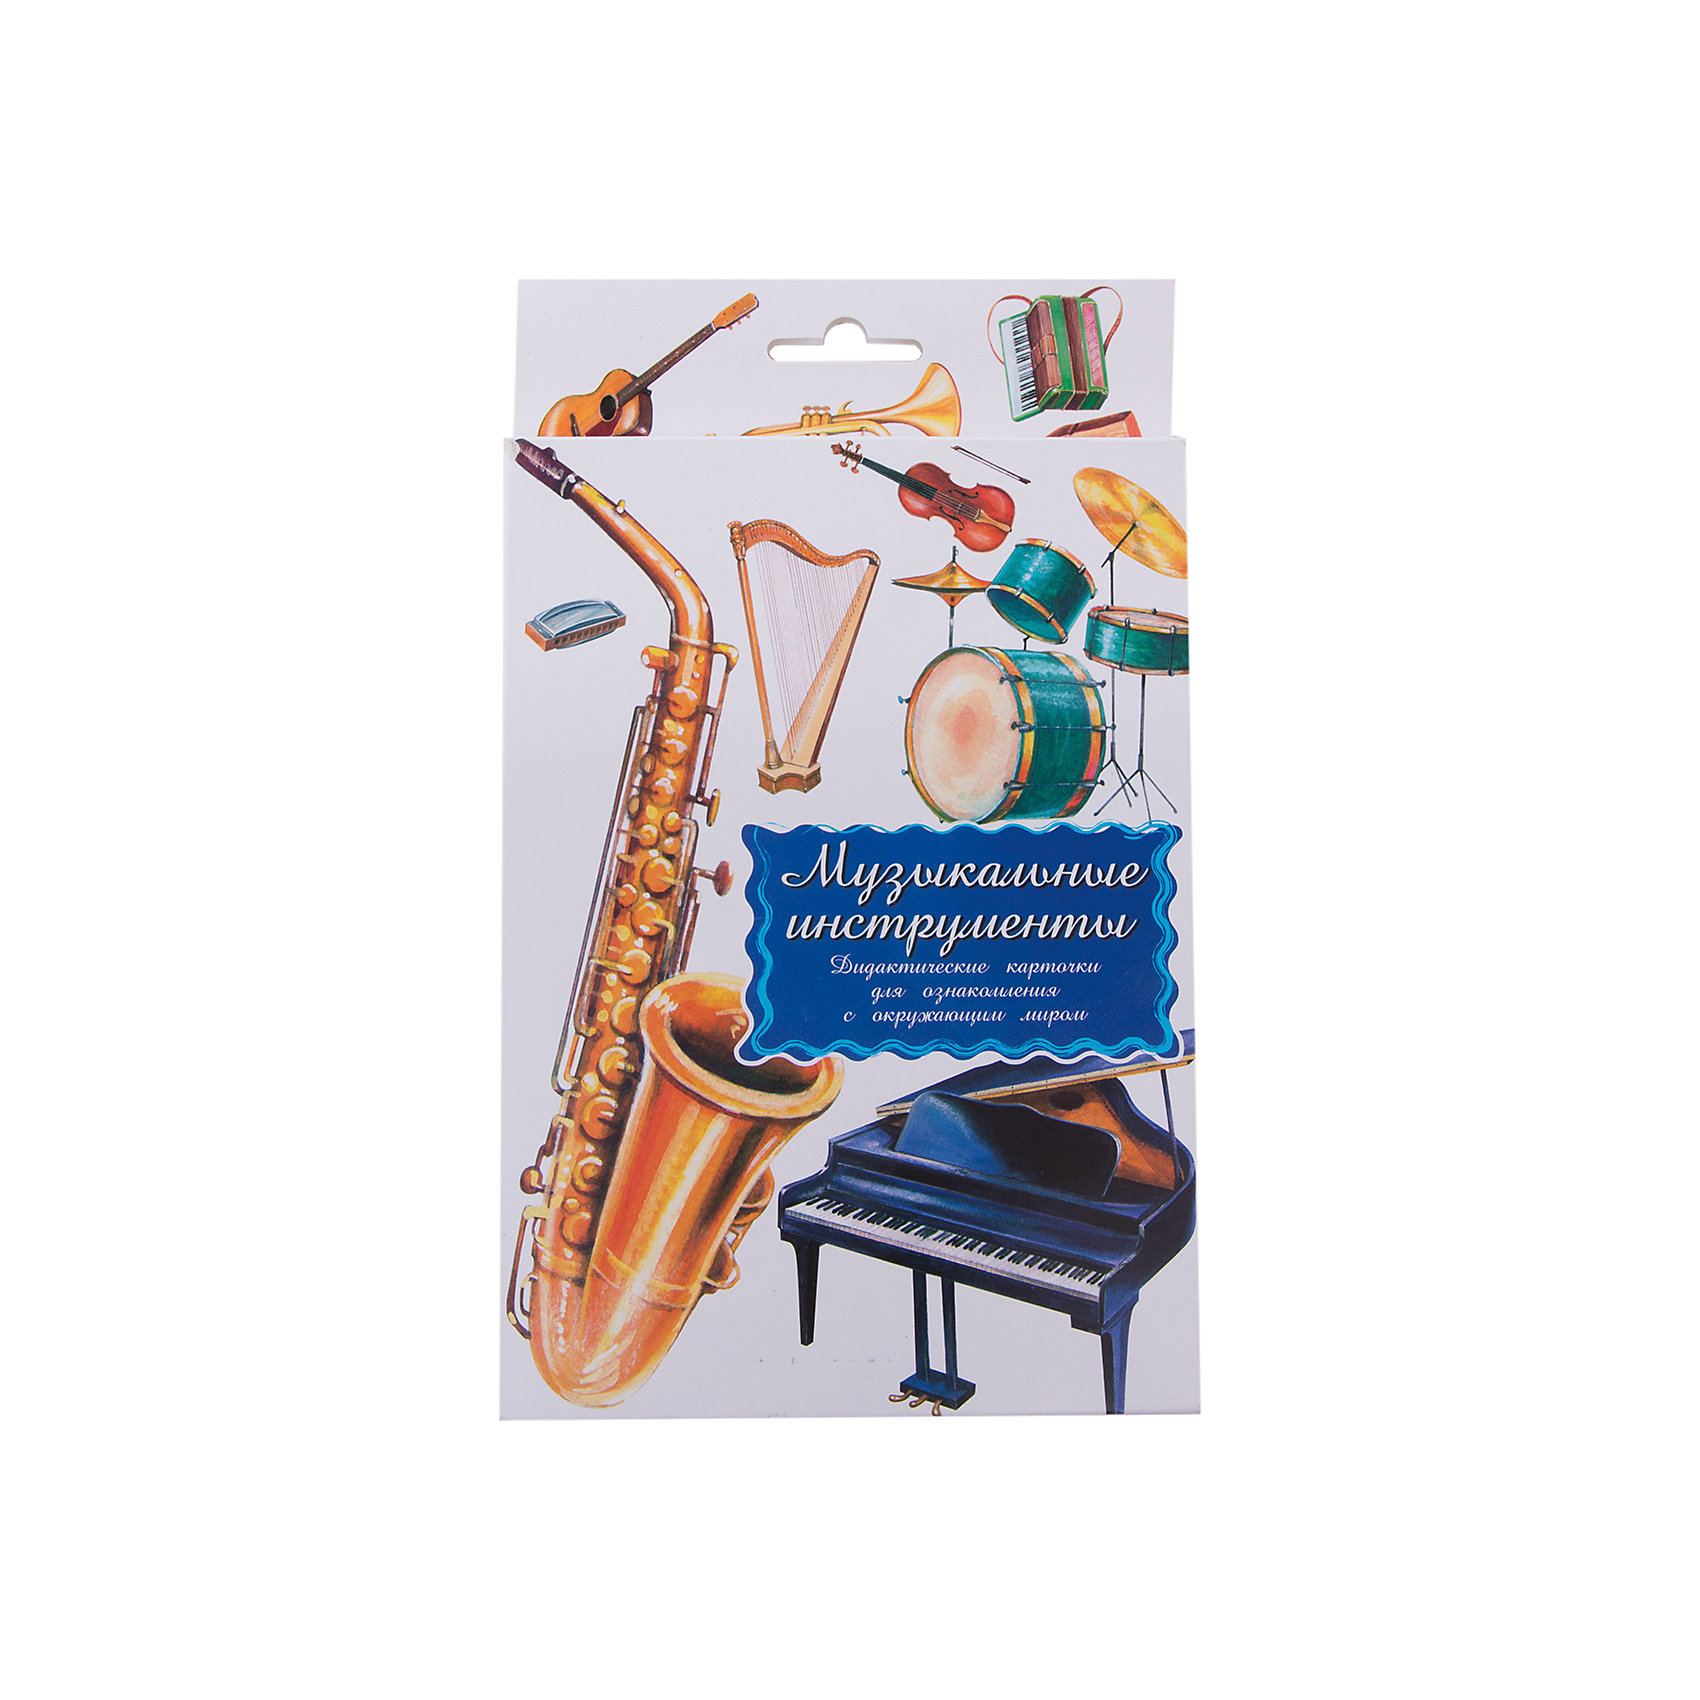 Дидактические карточки Музыкальные инструменты, Маленький генийДидактические карточки Музыкальные инструменты, Маленький гений.<br><br>Характеристики:<br><br>• Художник: Подколзин Евгений<br>• Количество карточек: 16<br>• Размер карточек: 25х15 см.<br>• Материал: картон<br>• Упаковка: картонный блистер с европодвесом<br>• Размер упаковки: 25,2х15,1х1 см.<br><br>Дидактические карточки с крупными яркими картинками познакомят малыша с некоторыми самыми известными музыкальными инструментами: ударной установкой, роялем, аккордеоном, флейтой, арфой, бубном, саксофоном, органом, балалайкой, гитарой, губной гармошкой, гуслями, металлофоном, скрипкой, тромбоном, трубой. Всего в набор входит 16 карточек. На одной стороне каждой карточки изображен инструмент, а на обратной стороне дано его описание: к какой группе инструментов он относится, история создания, устройство, применение. <br><br>Совсем маленькому ребенку можно просто показывать карточки и называть инструменты. Когда он запомнит их можно просить его найти карточку с тем или иным музыкальным инструментом или назвать инструмент, который вы ему показываете. Можно сортировать инструменты, например, на духовые, клавишные, струнные и ударные. <br><br>Если ребенок учится читать, можно отрезать названия и, перемешав, предложить ребенку подобрать картинки к названиям. С карточками можно организовать и множество игр на развитие внимания, логического мышления и памяти. Игра «Четвертый лишний»: из четырех карточек, одна из которых отличается от трех других, ребенок должен выбрать лишнюю и объяснить свой выбор. Можно по очереди с ребенком отвечать на вопрос «Какой?» относительно каждой карточки, стараясь дать больше ответов. <br><br>Разглядывая карточки, играя с ними, ваш малыш не только обогатит свой багаж знаний об окружающем мире, но и научится составлять предложения, беседовать по картинкам, классифицировать и систематизировать предметы. Карточки рекомендуются родителям, логопедами, психологами, воспитателями детских садов, у